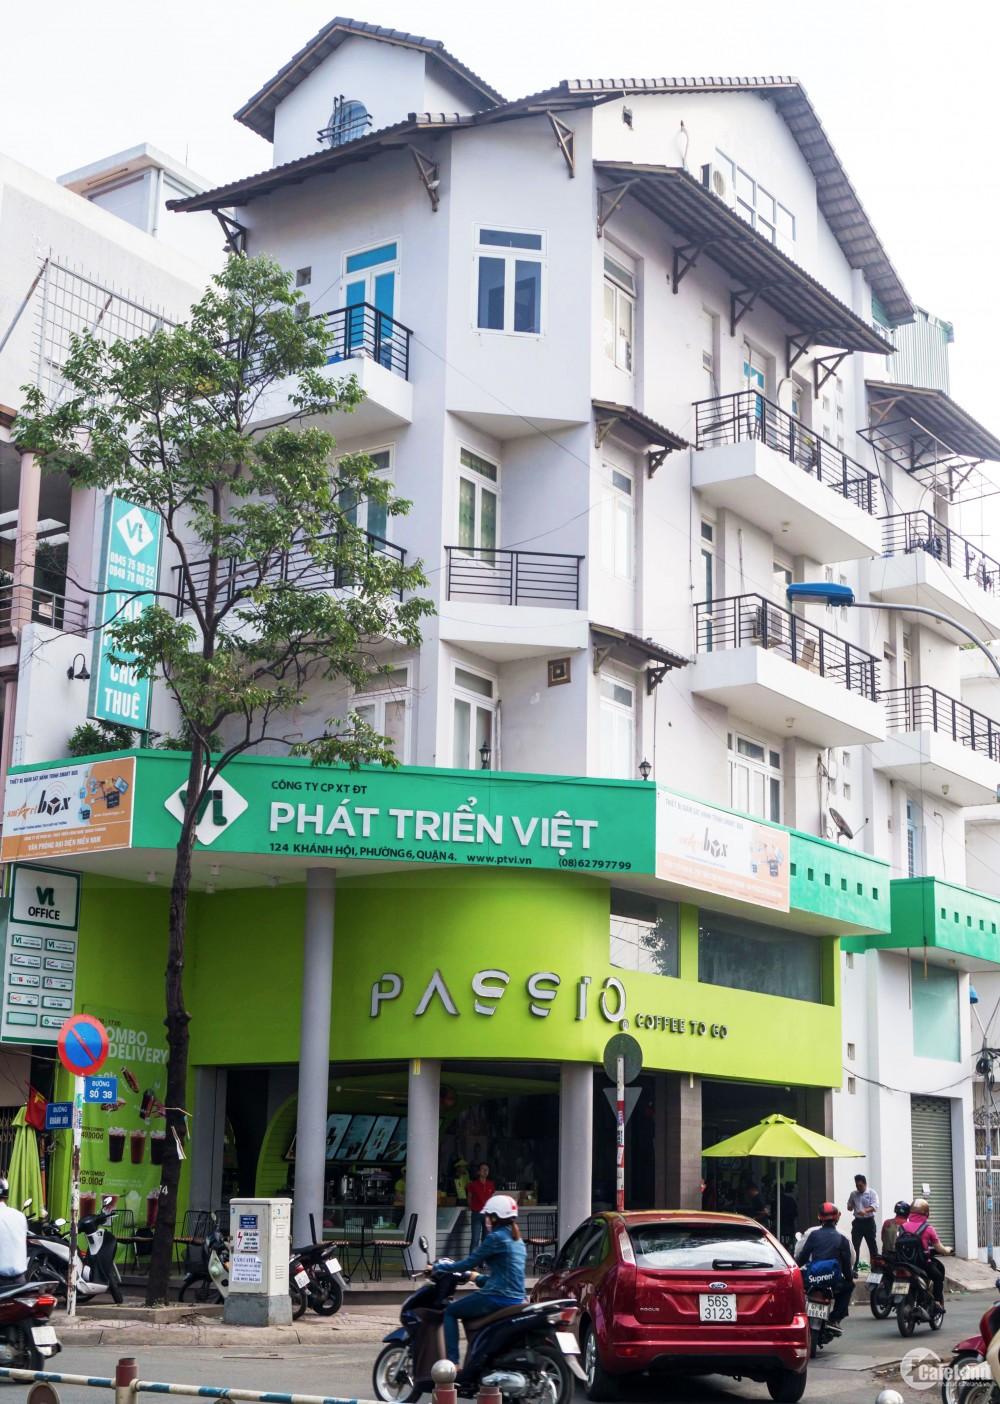 Cho thuê văn phòng 60m2 Khánh Hội, quận 4 giá rẻ.